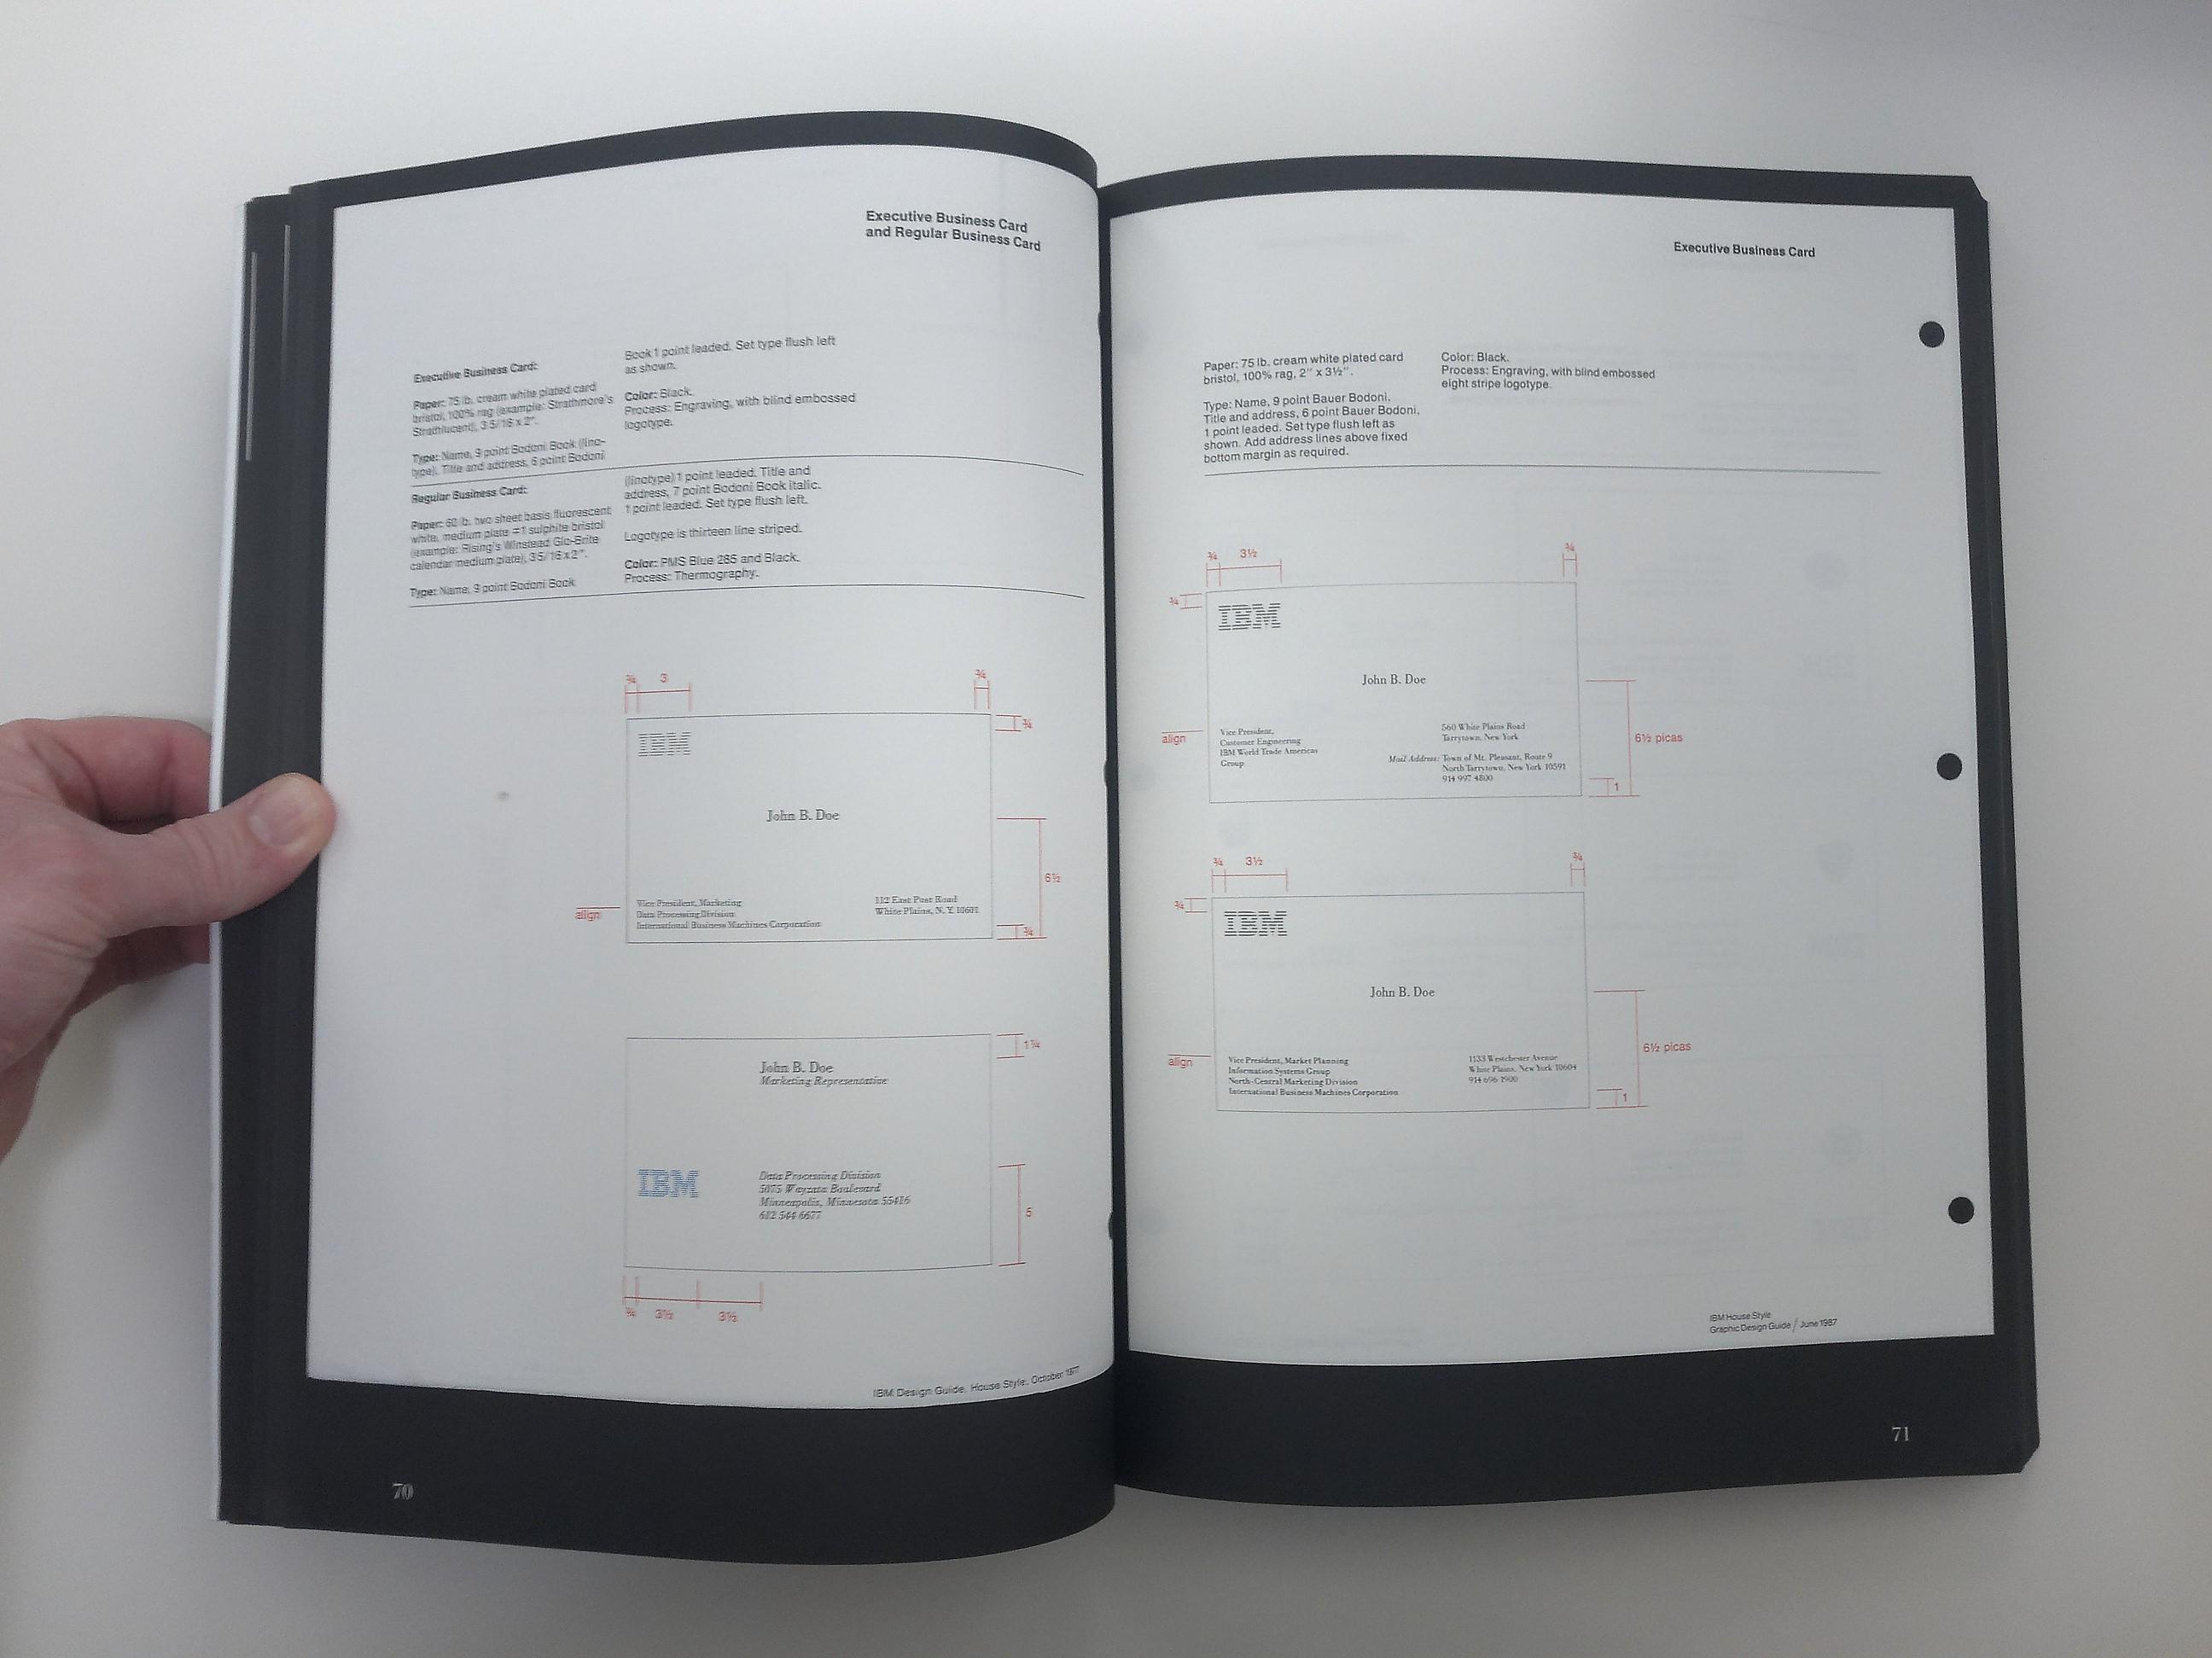 ugl2320a19 manual